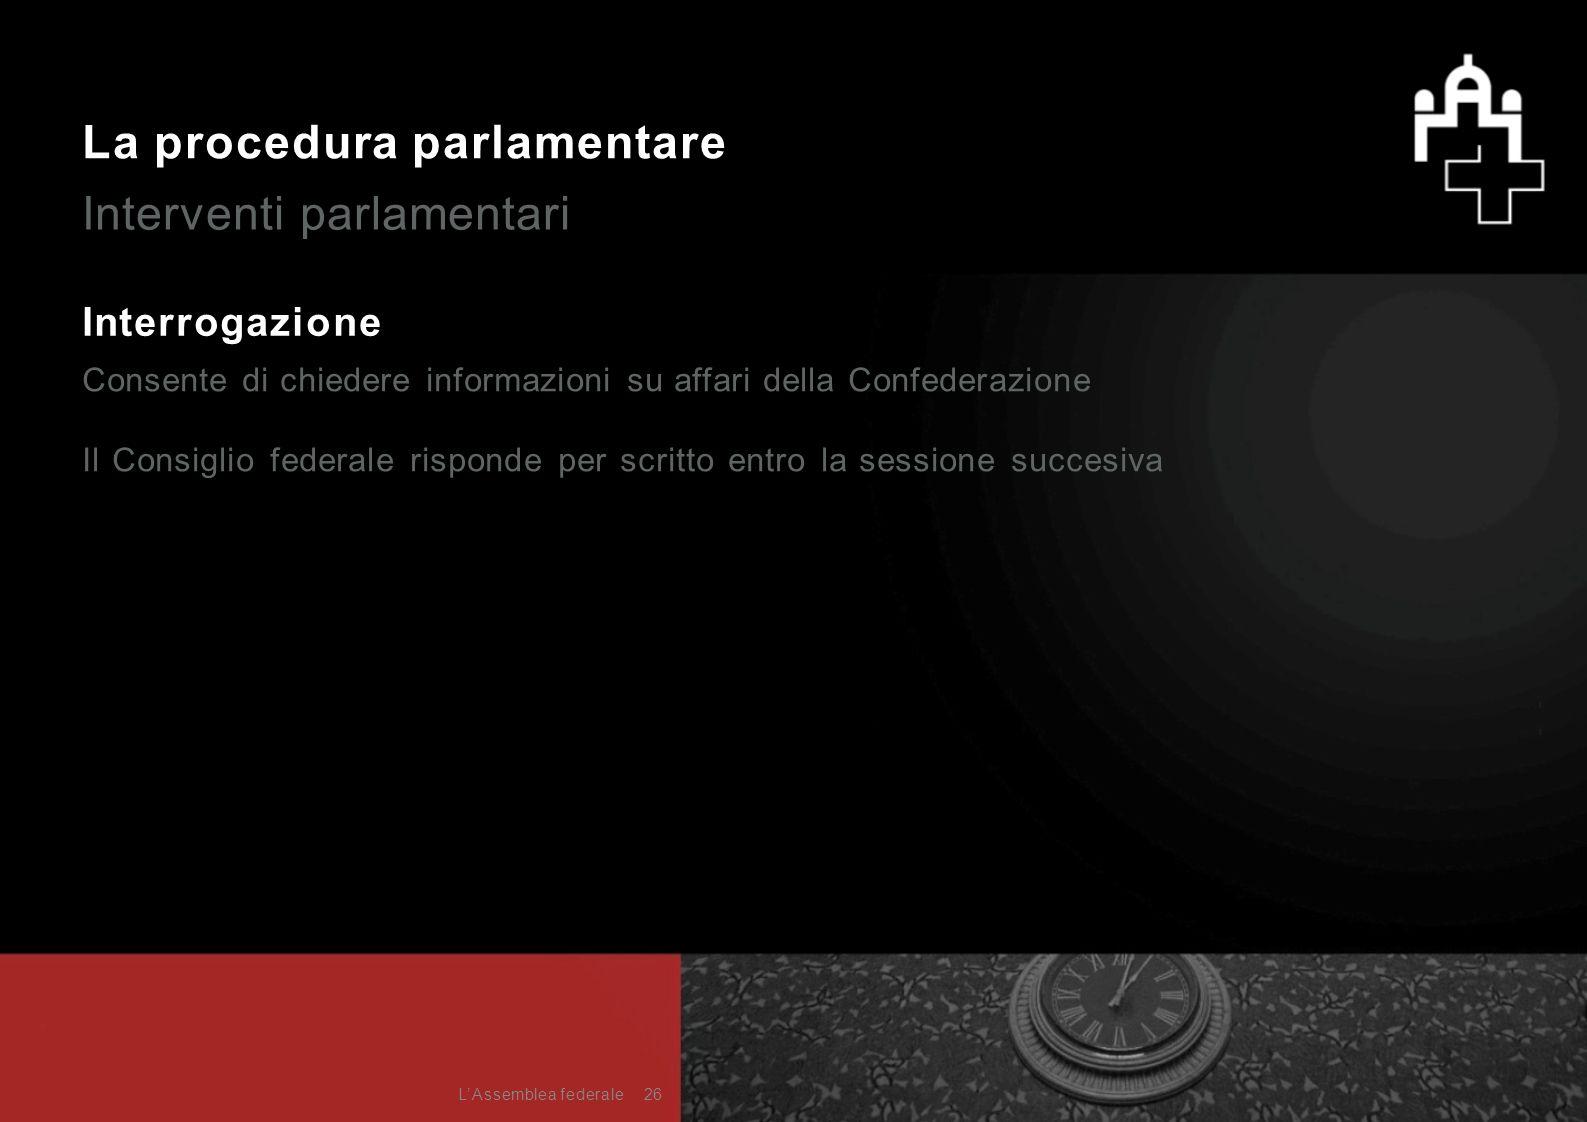 La procedura parlamentare Interventi parlamentari Interrogazione Consente di chiedere informazioni su affari della Confederazione Il Consiglio federal